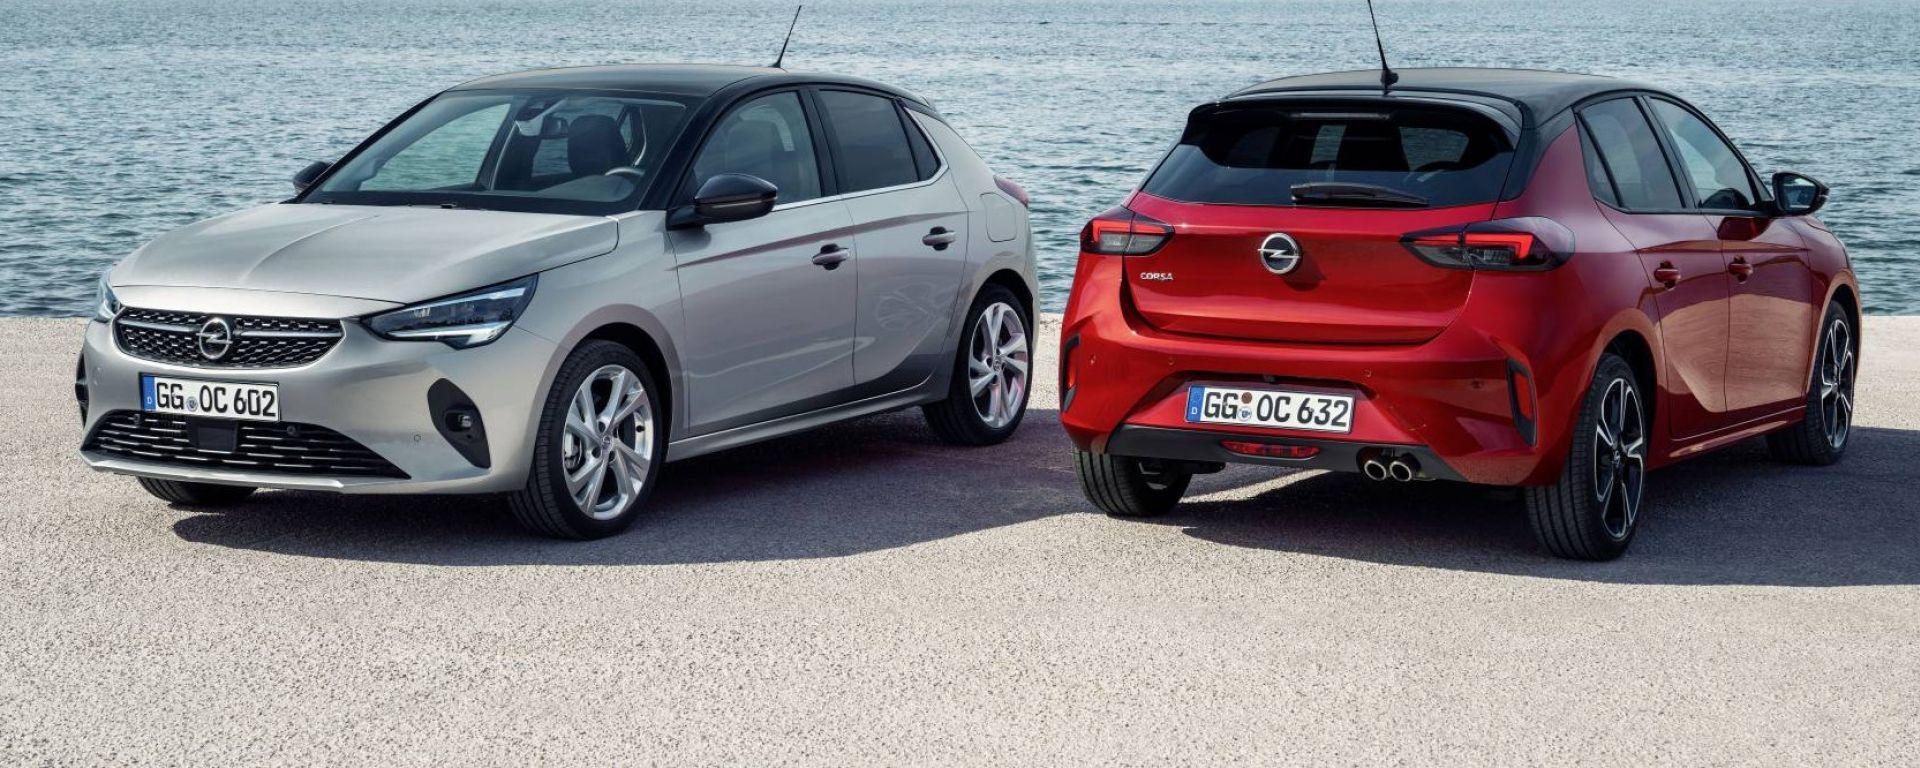 Nuova Opel Corsa, via alle vendite